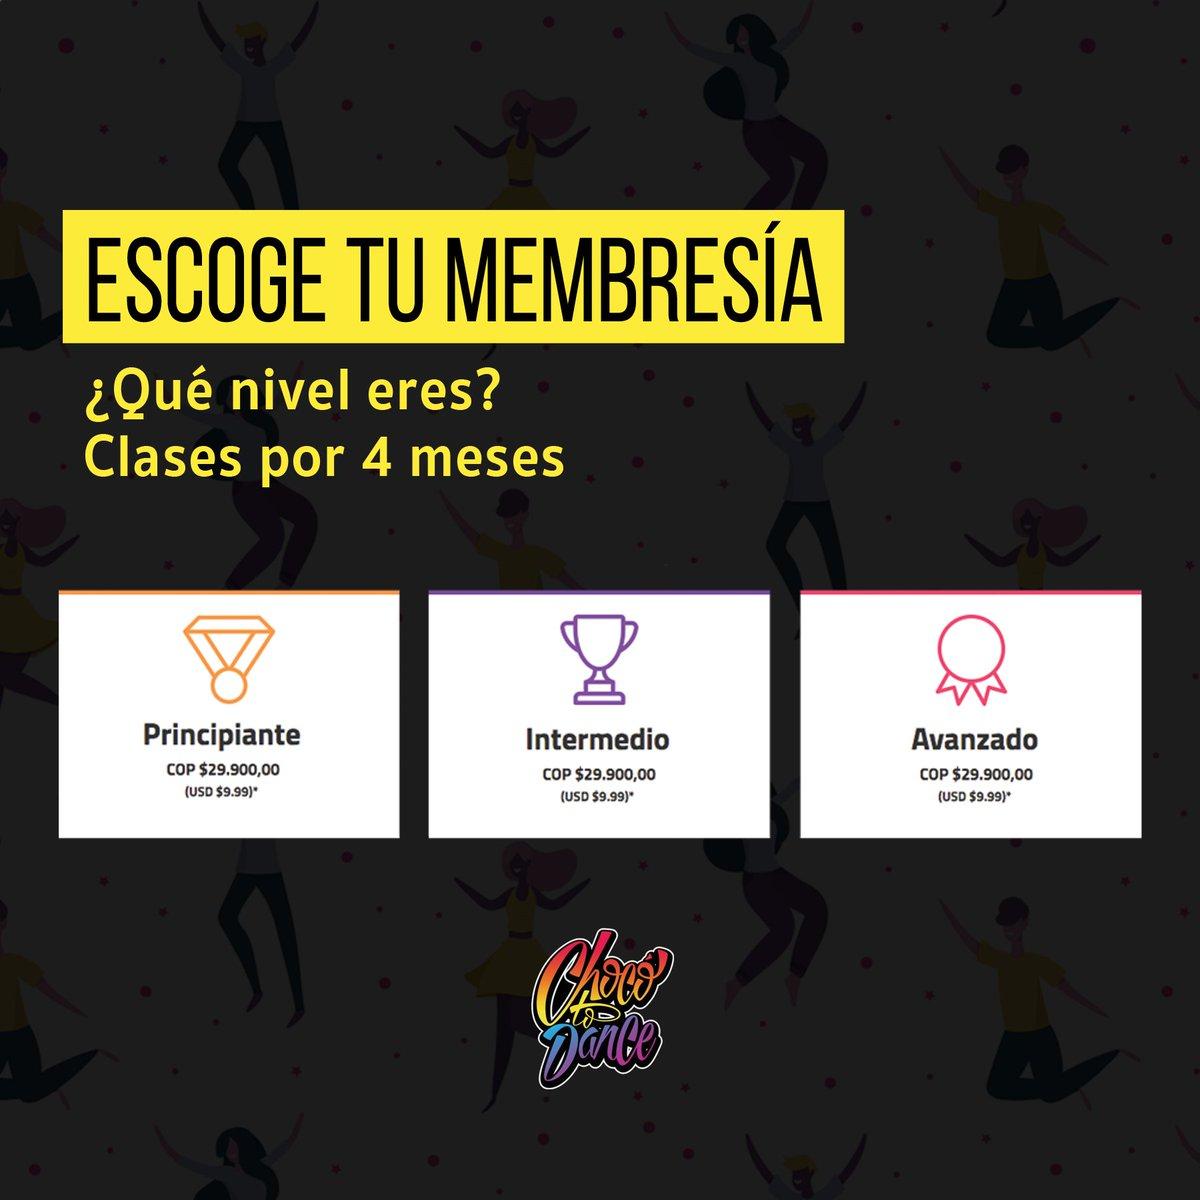 test Twitter Media - Siguiendo las #clases de nuestros profesores no sólo aprendes a bailar, también apoyas la educación de #Colombia. ¡Únete ahora a https://t.co/JuxXn9hjCy por sólo USD $9.99/ 4 meses!⠀ https://t.co/aU4jdzDkc0